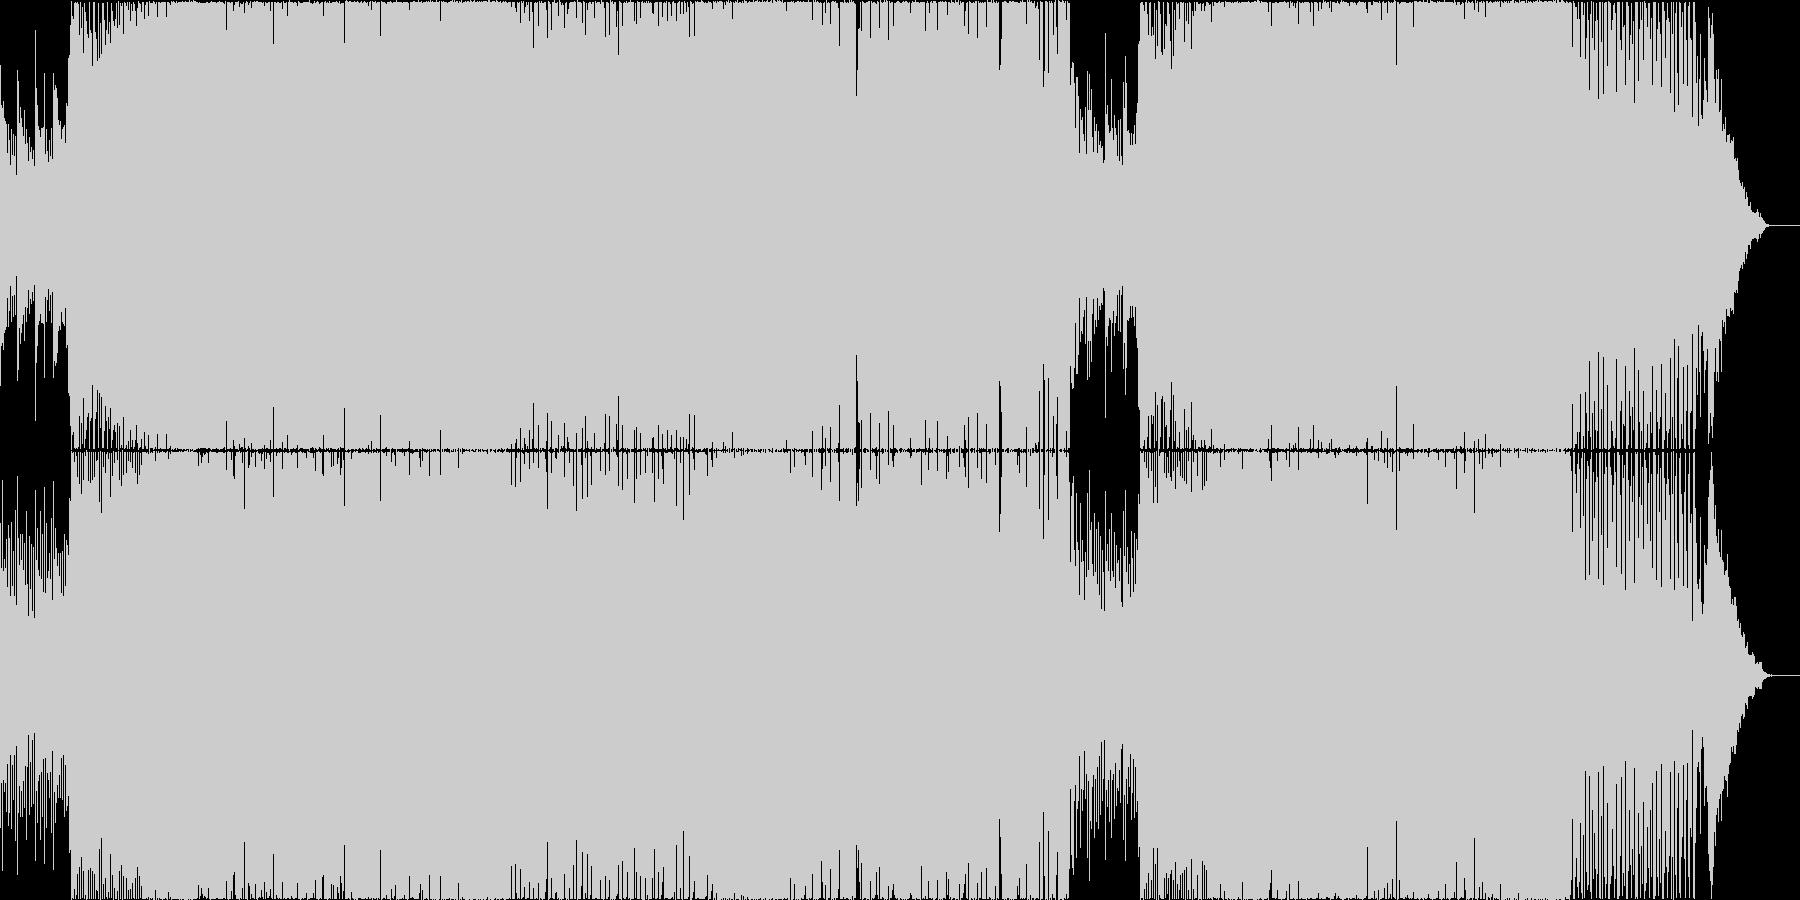 爽快でノリが良くキャッチーなEDMの未再生の波形